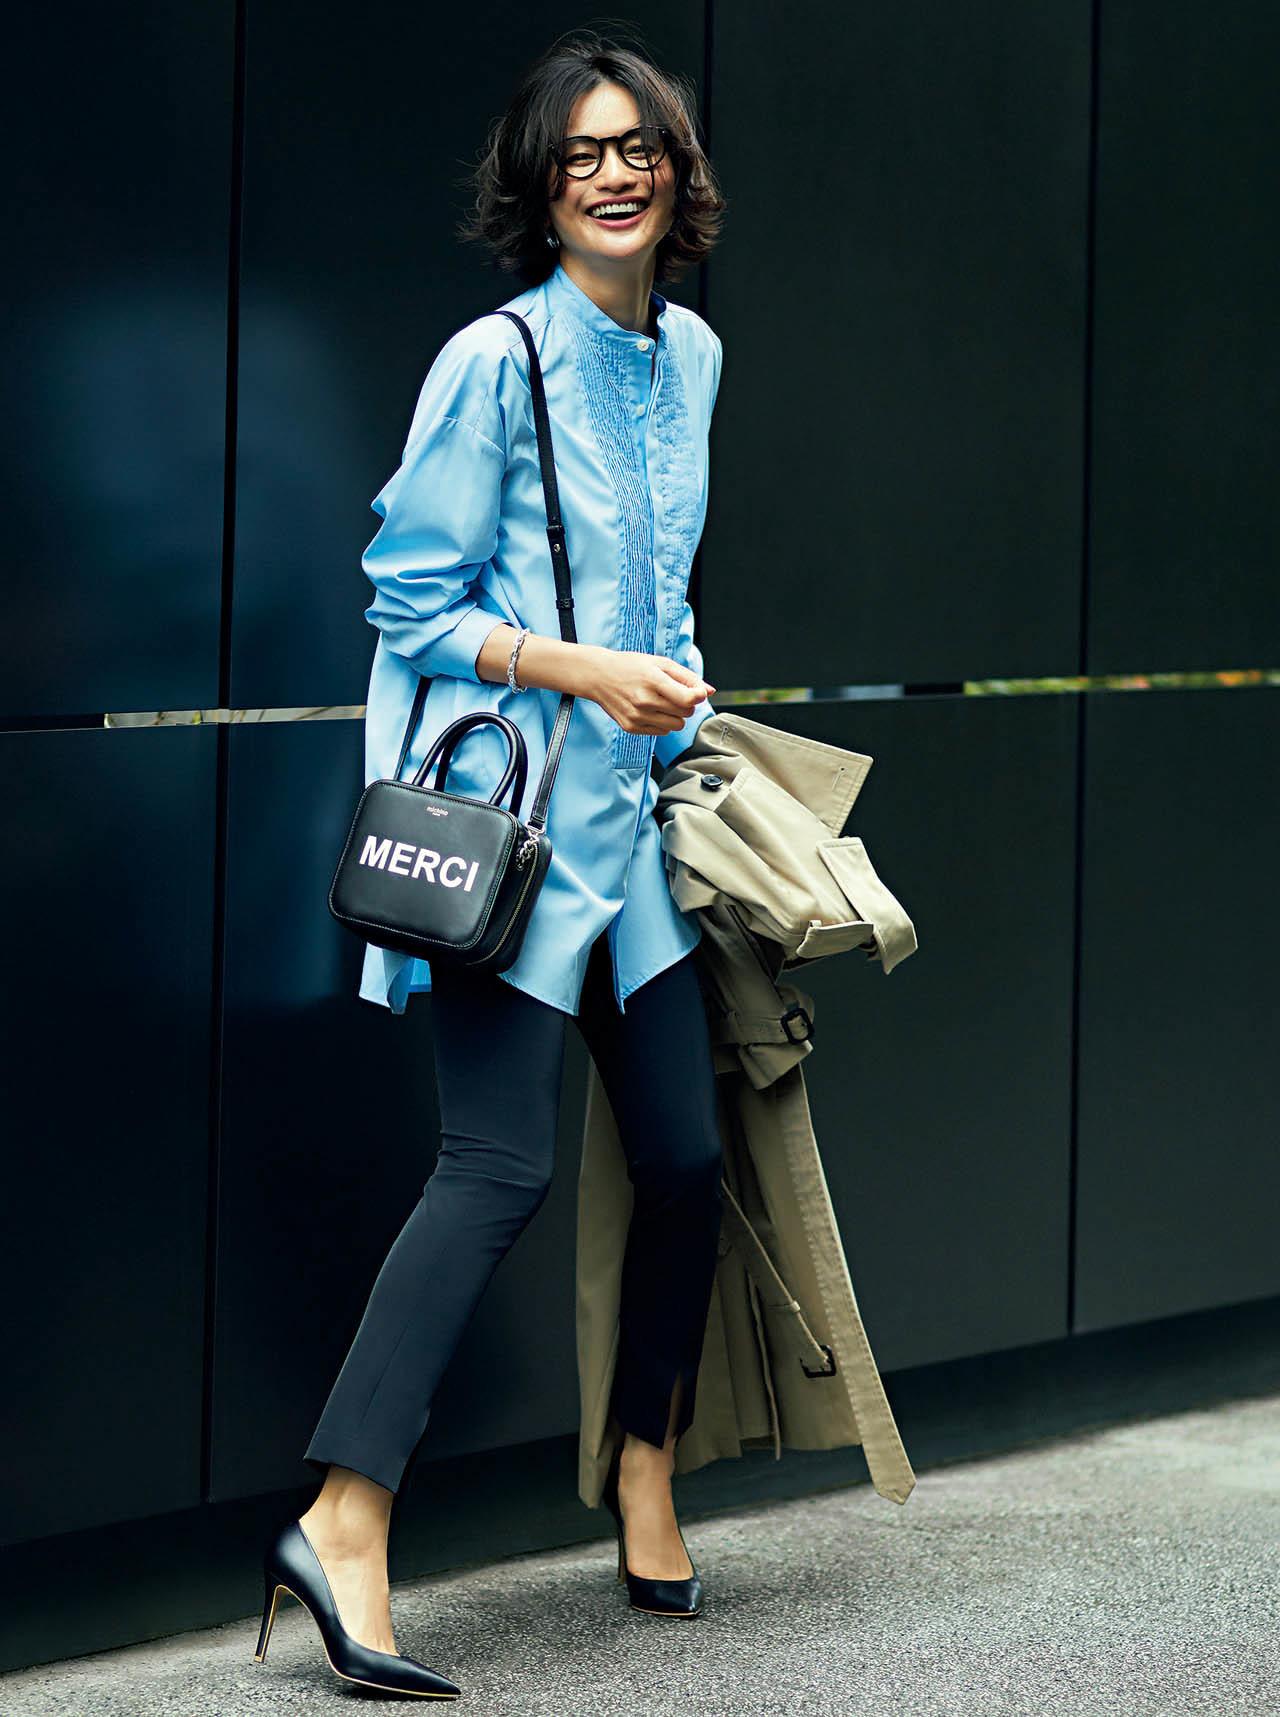 バンドカラー のシャツ×パンツのワンツーコーデを着たモデルの渡辺佳子さん